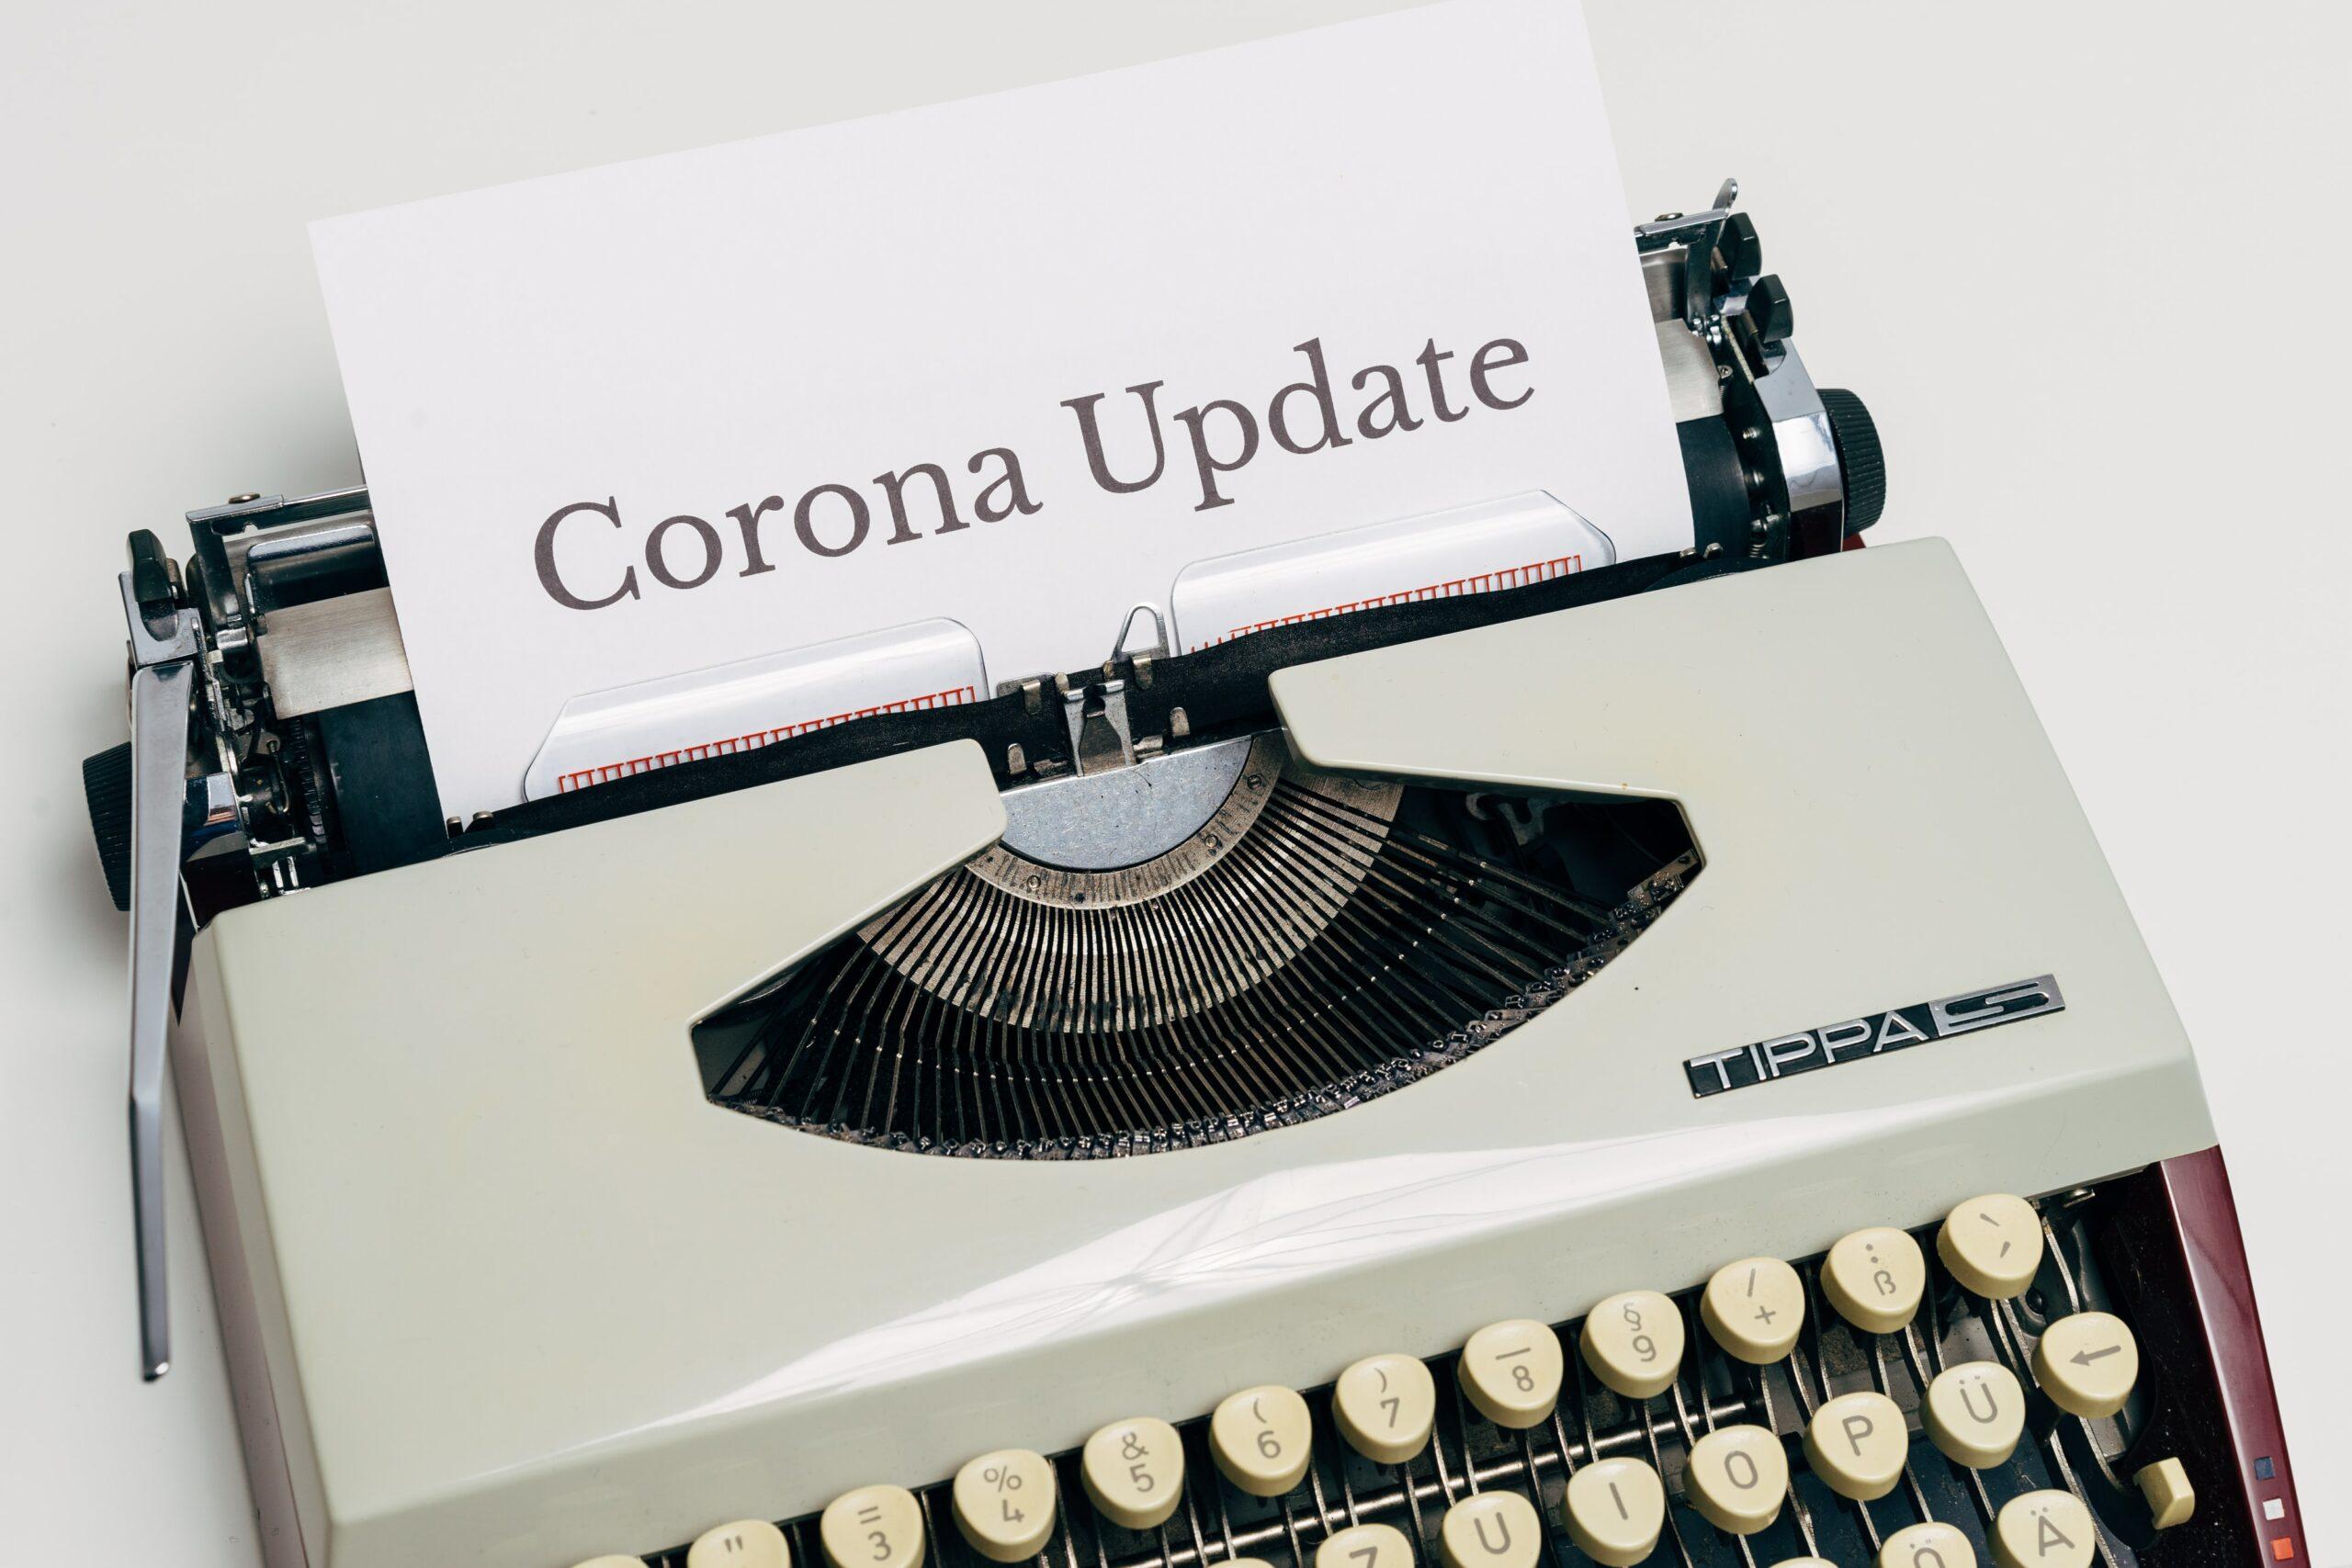 Schreibmaschiene tippt die Worte Corona Update. Dieses Bild leitet einen Artikel zur Krisenkommunikation in Zeiten von Corona ein.